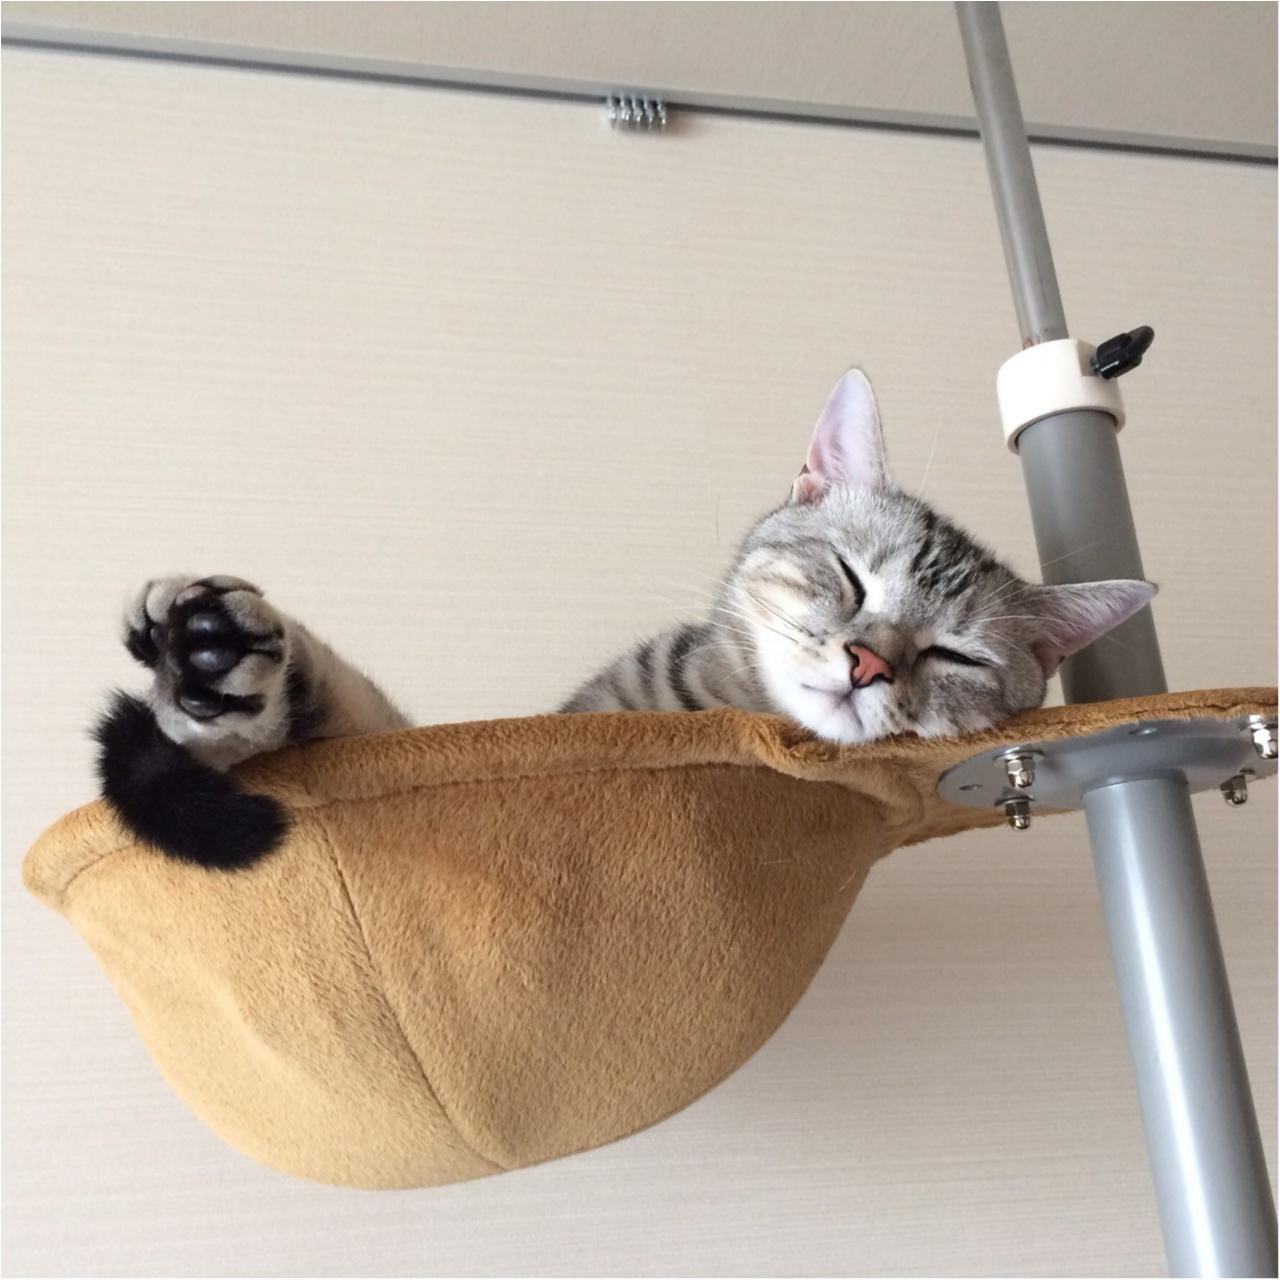 【今日のにゃんこ】ハンモックみたい♪ アランくんはキャットタワーでお昼寝中_1